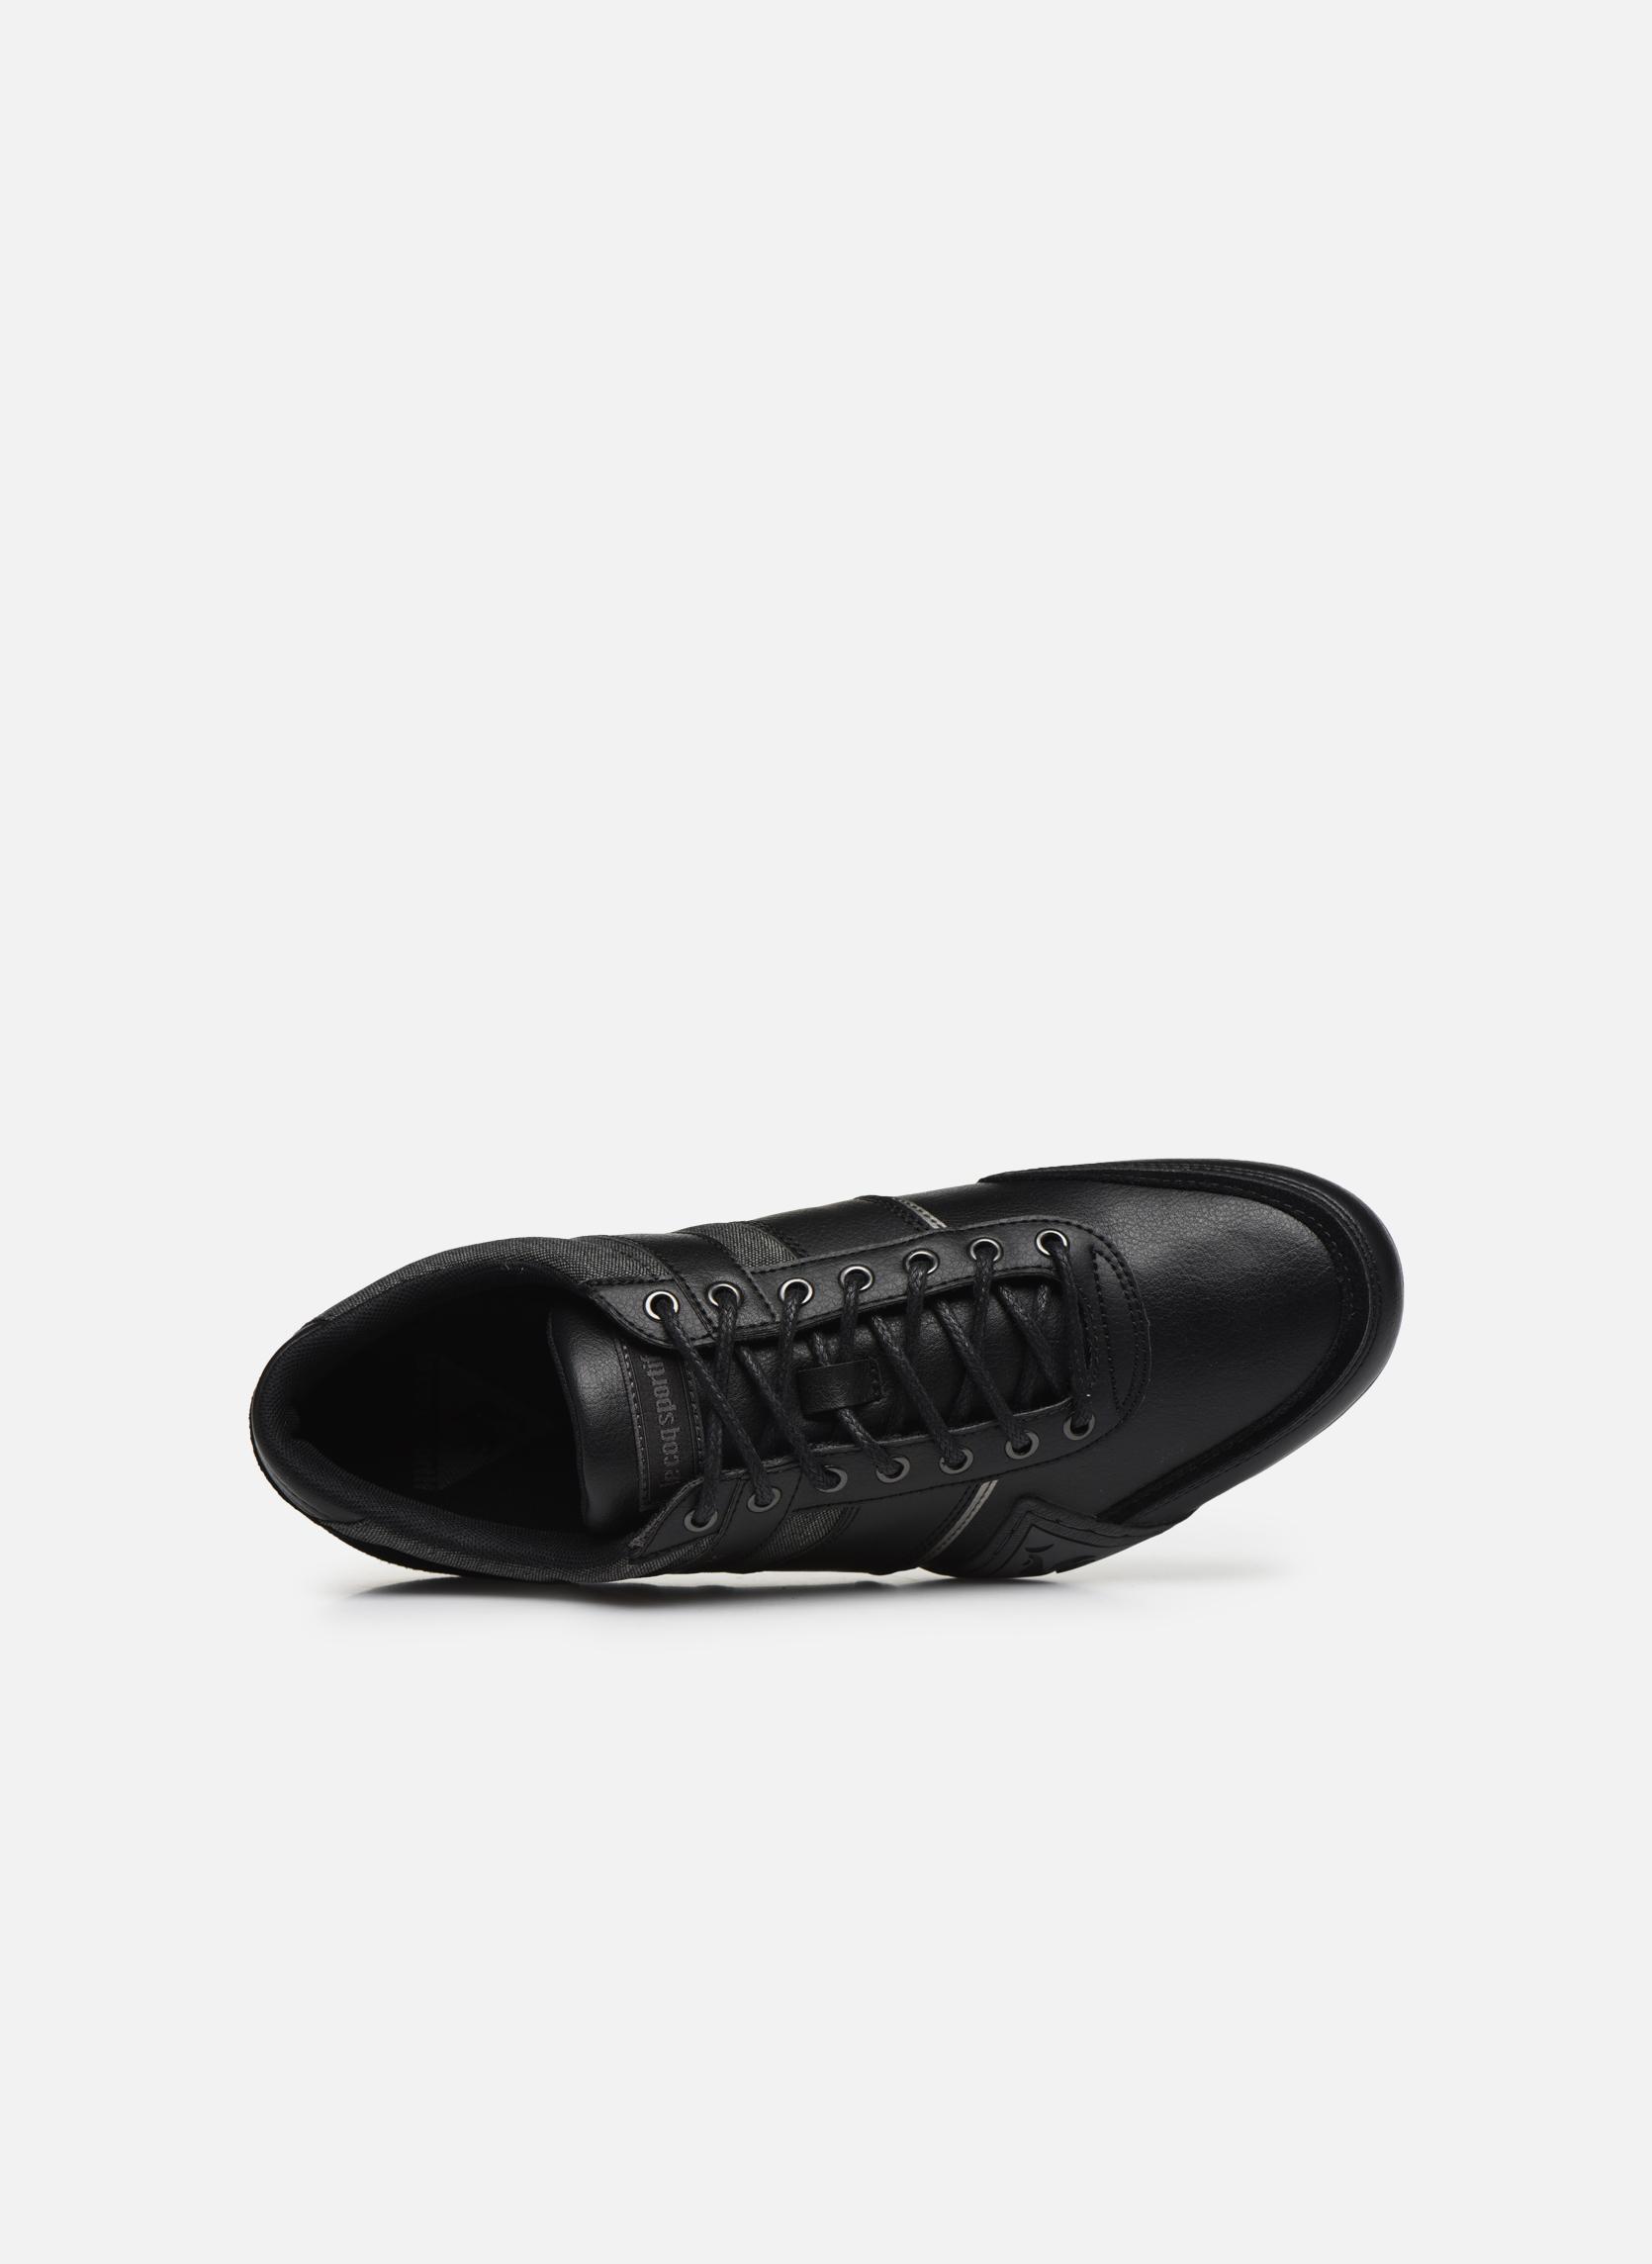 Baskets Le Coq Sportif Andelot S Lea/Suede Noir vue gauche